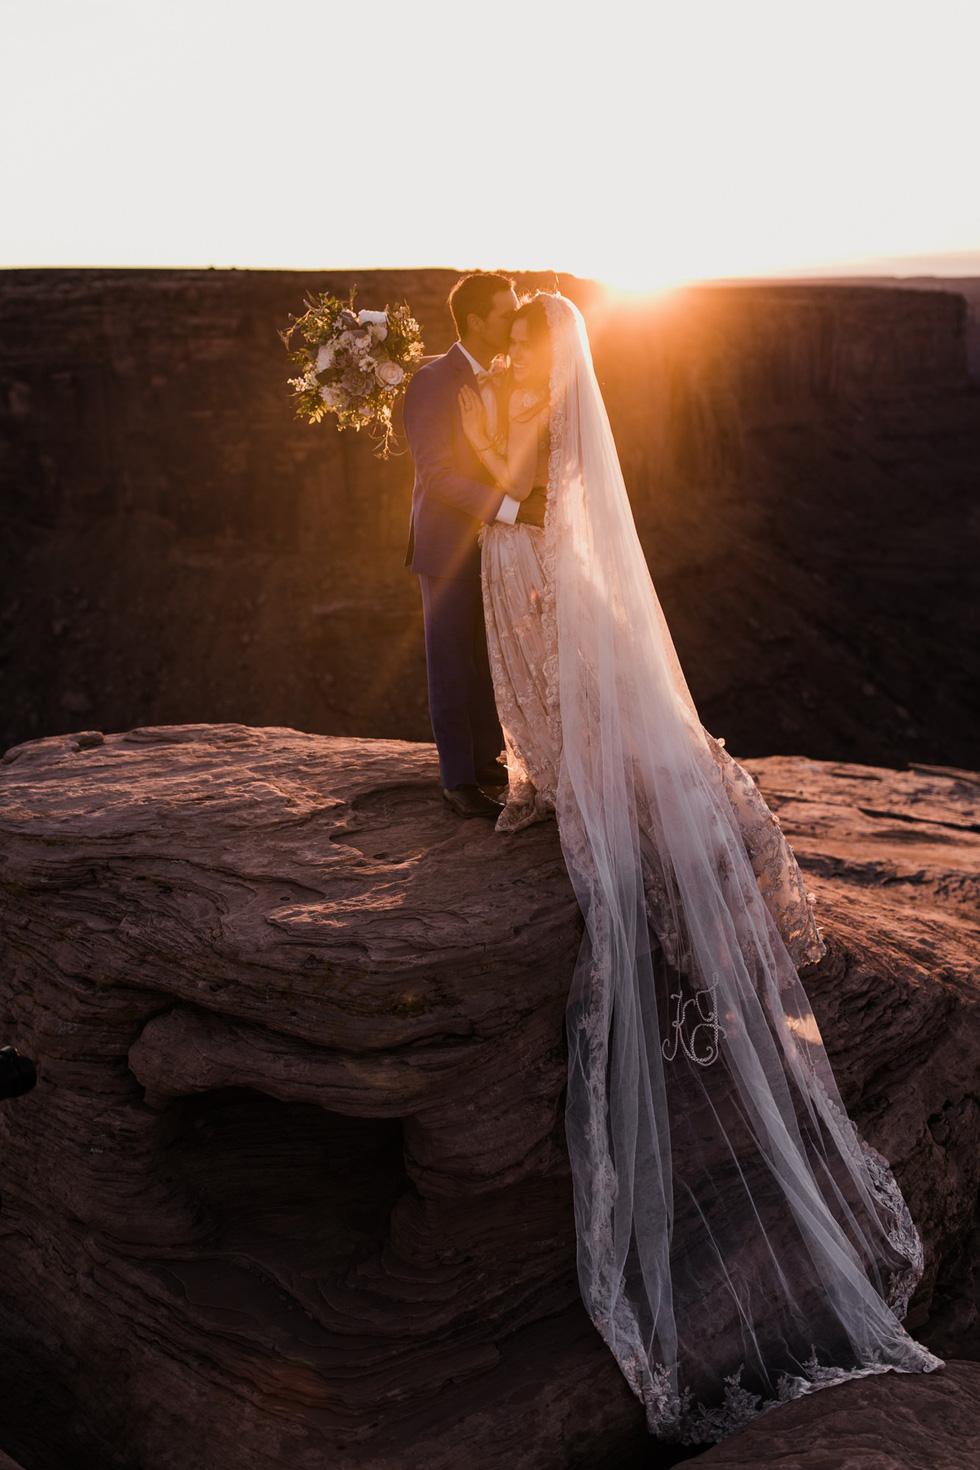 Chú rể trao nhẫn cưới cho cô dâu giữa vực sâu - Ảnh 15.